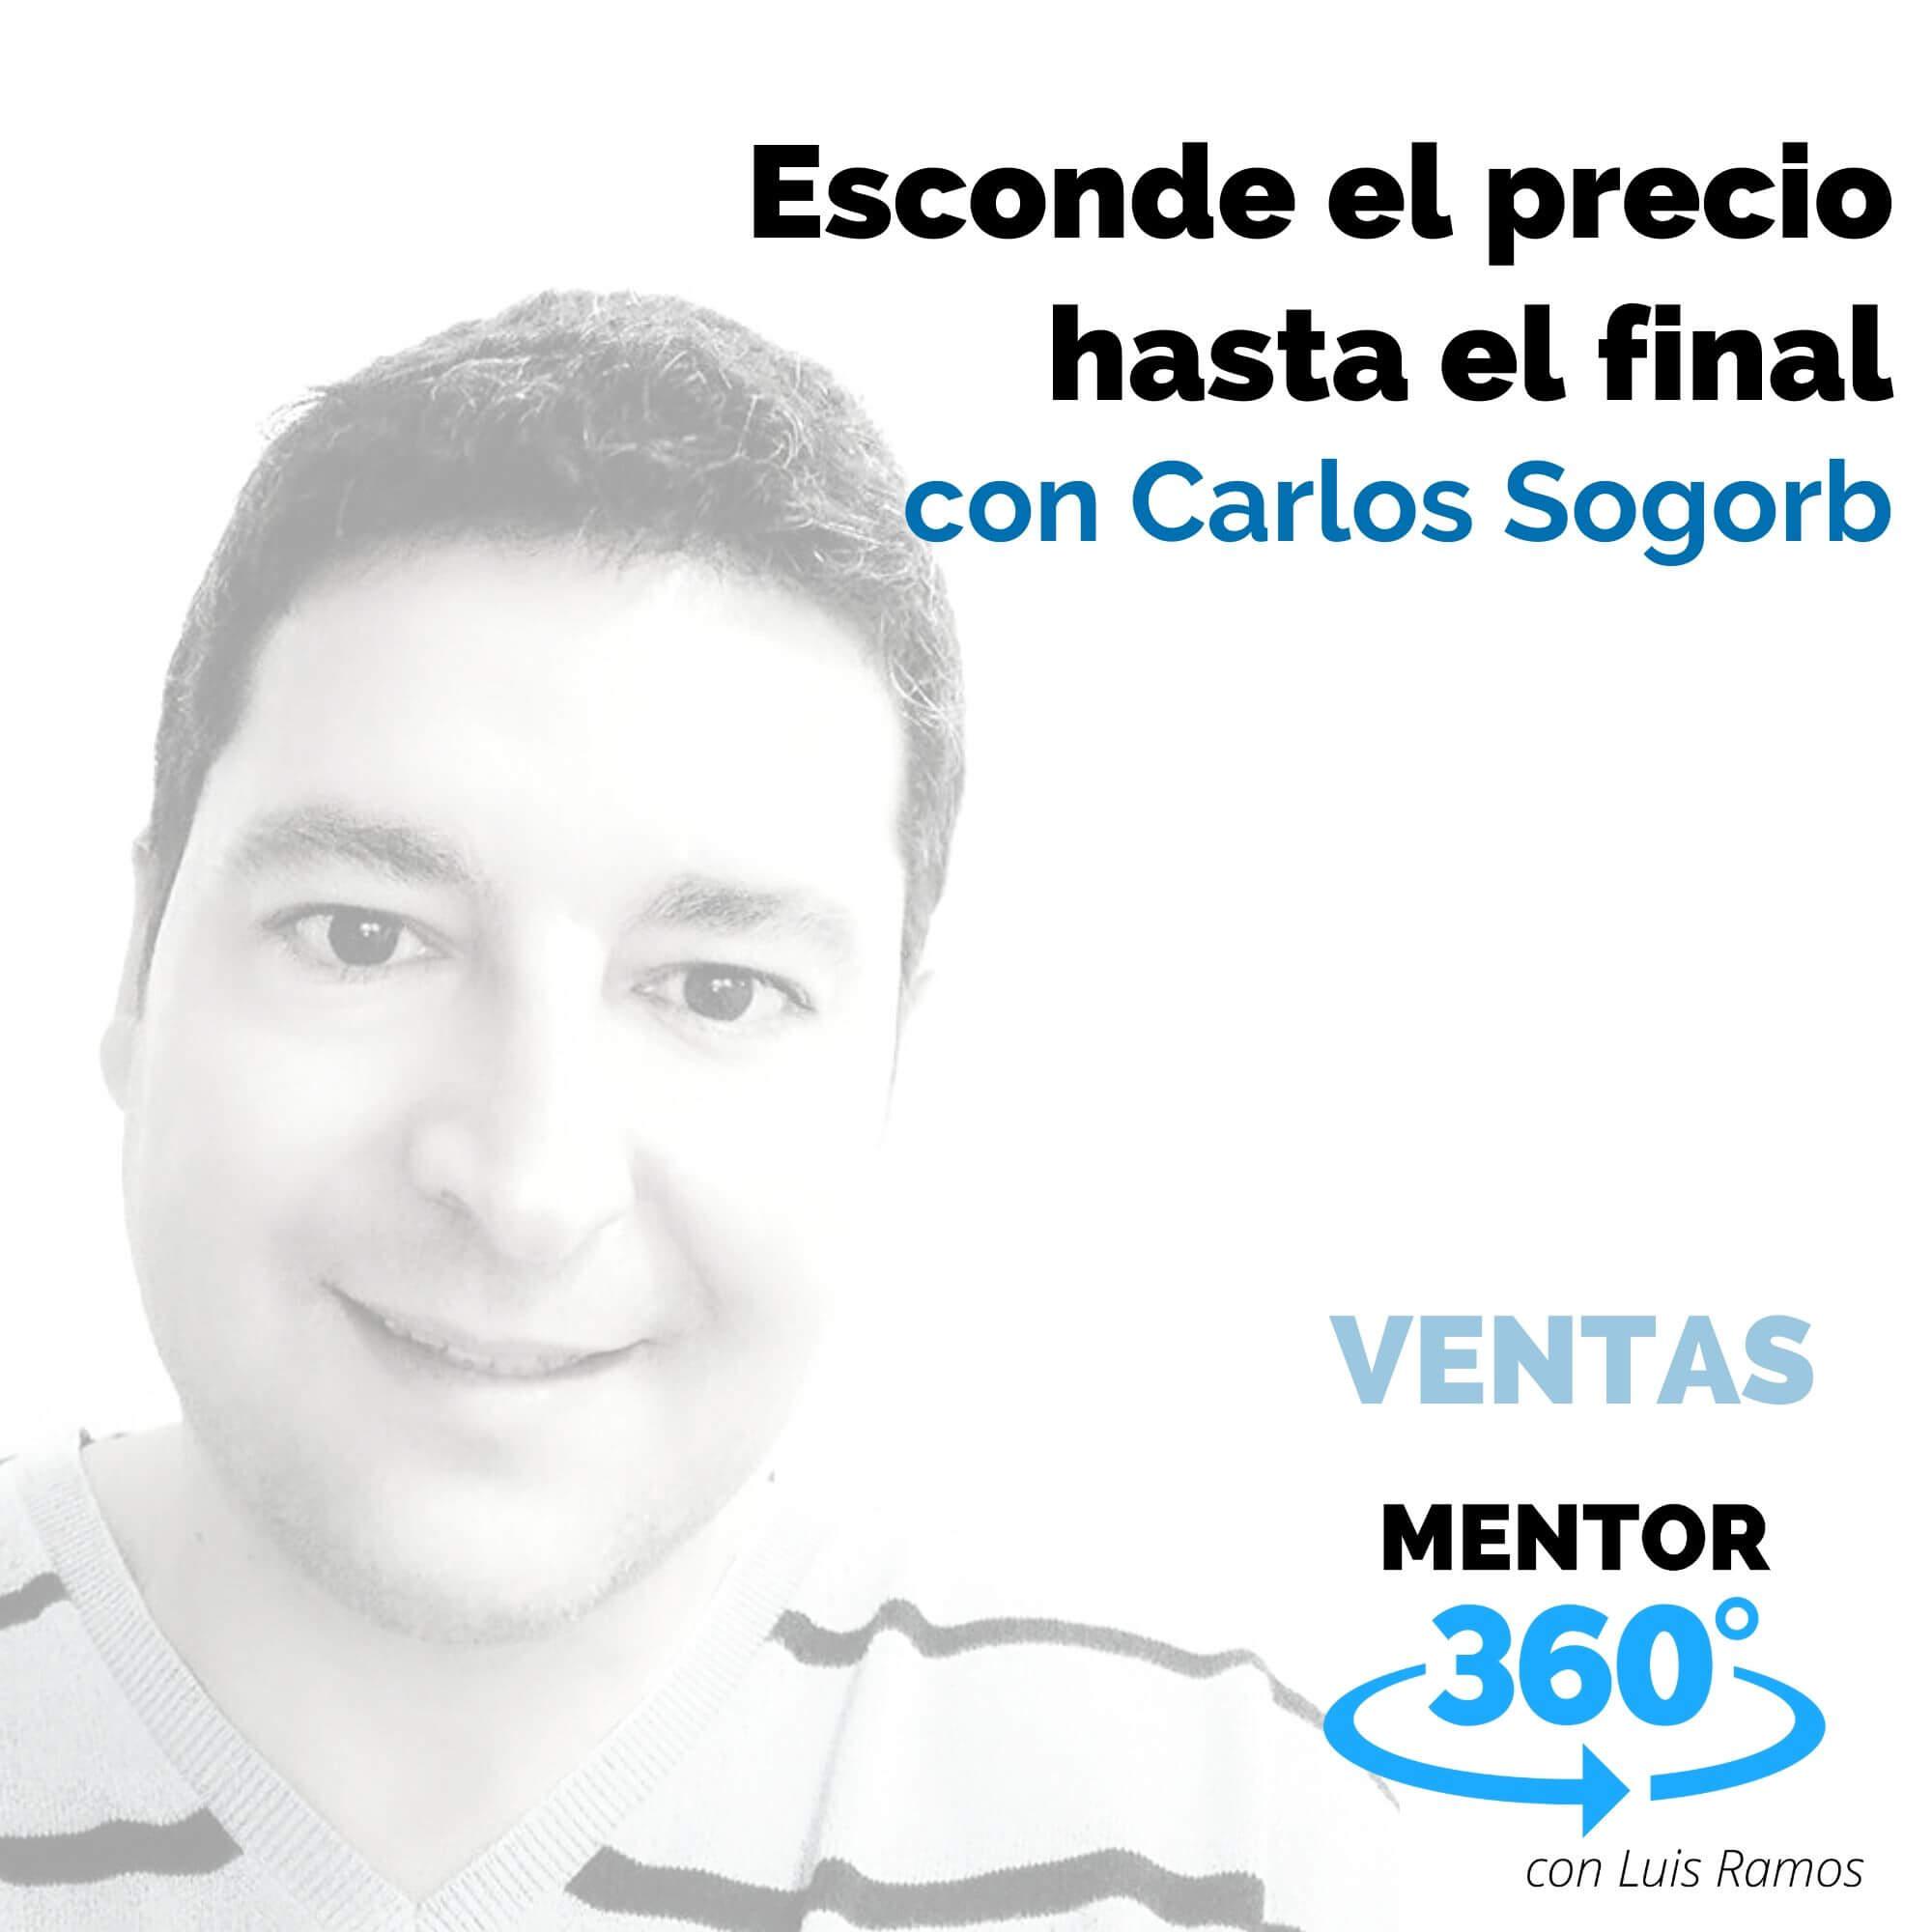 Esconde el precio hasta el final, con Carlos Sogorb - VENTAS